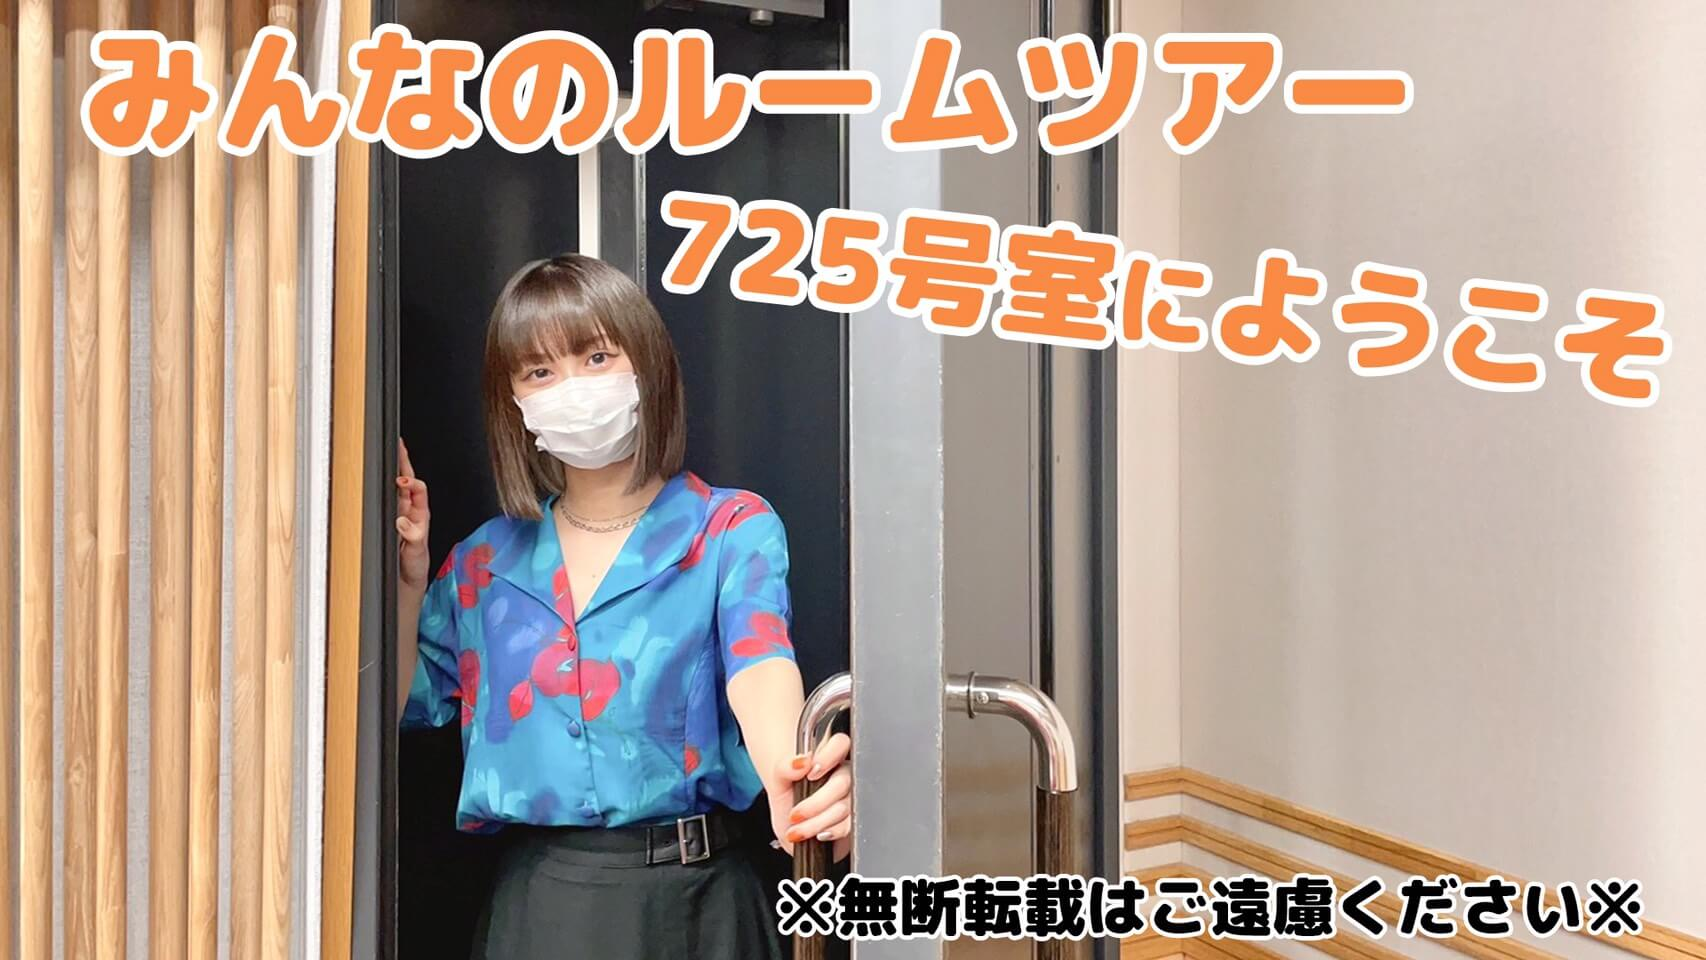 【楠木ともりThe Music Reverie】みんなのルームツアー!725号室にようこそ